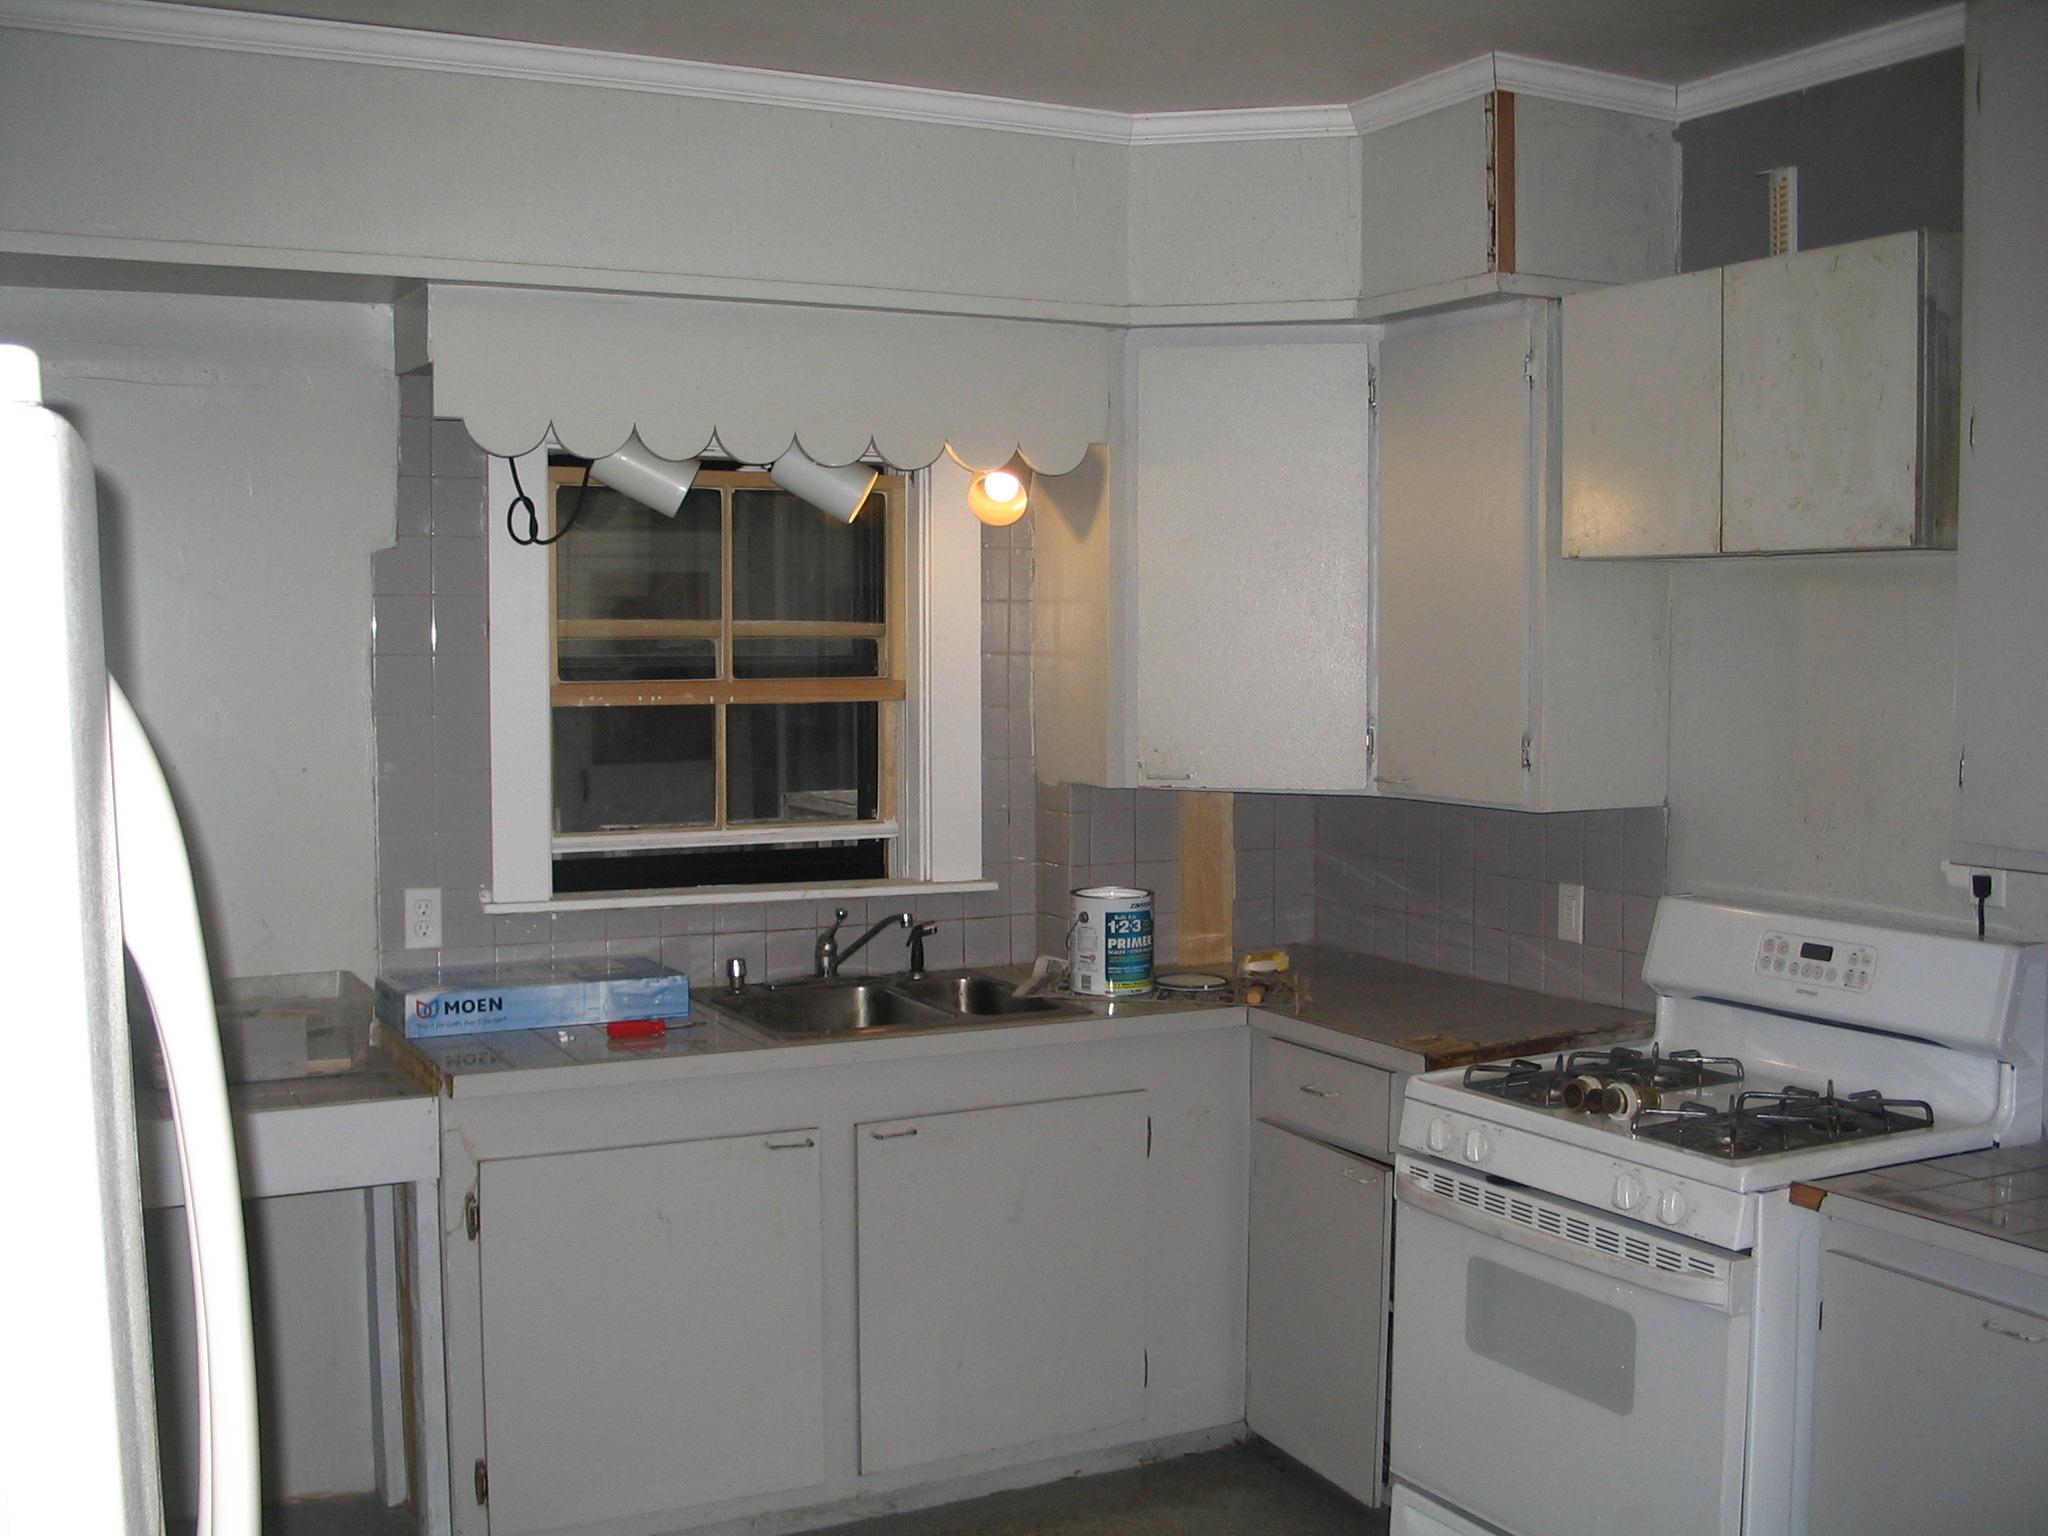 Inman St. kitchen (after)